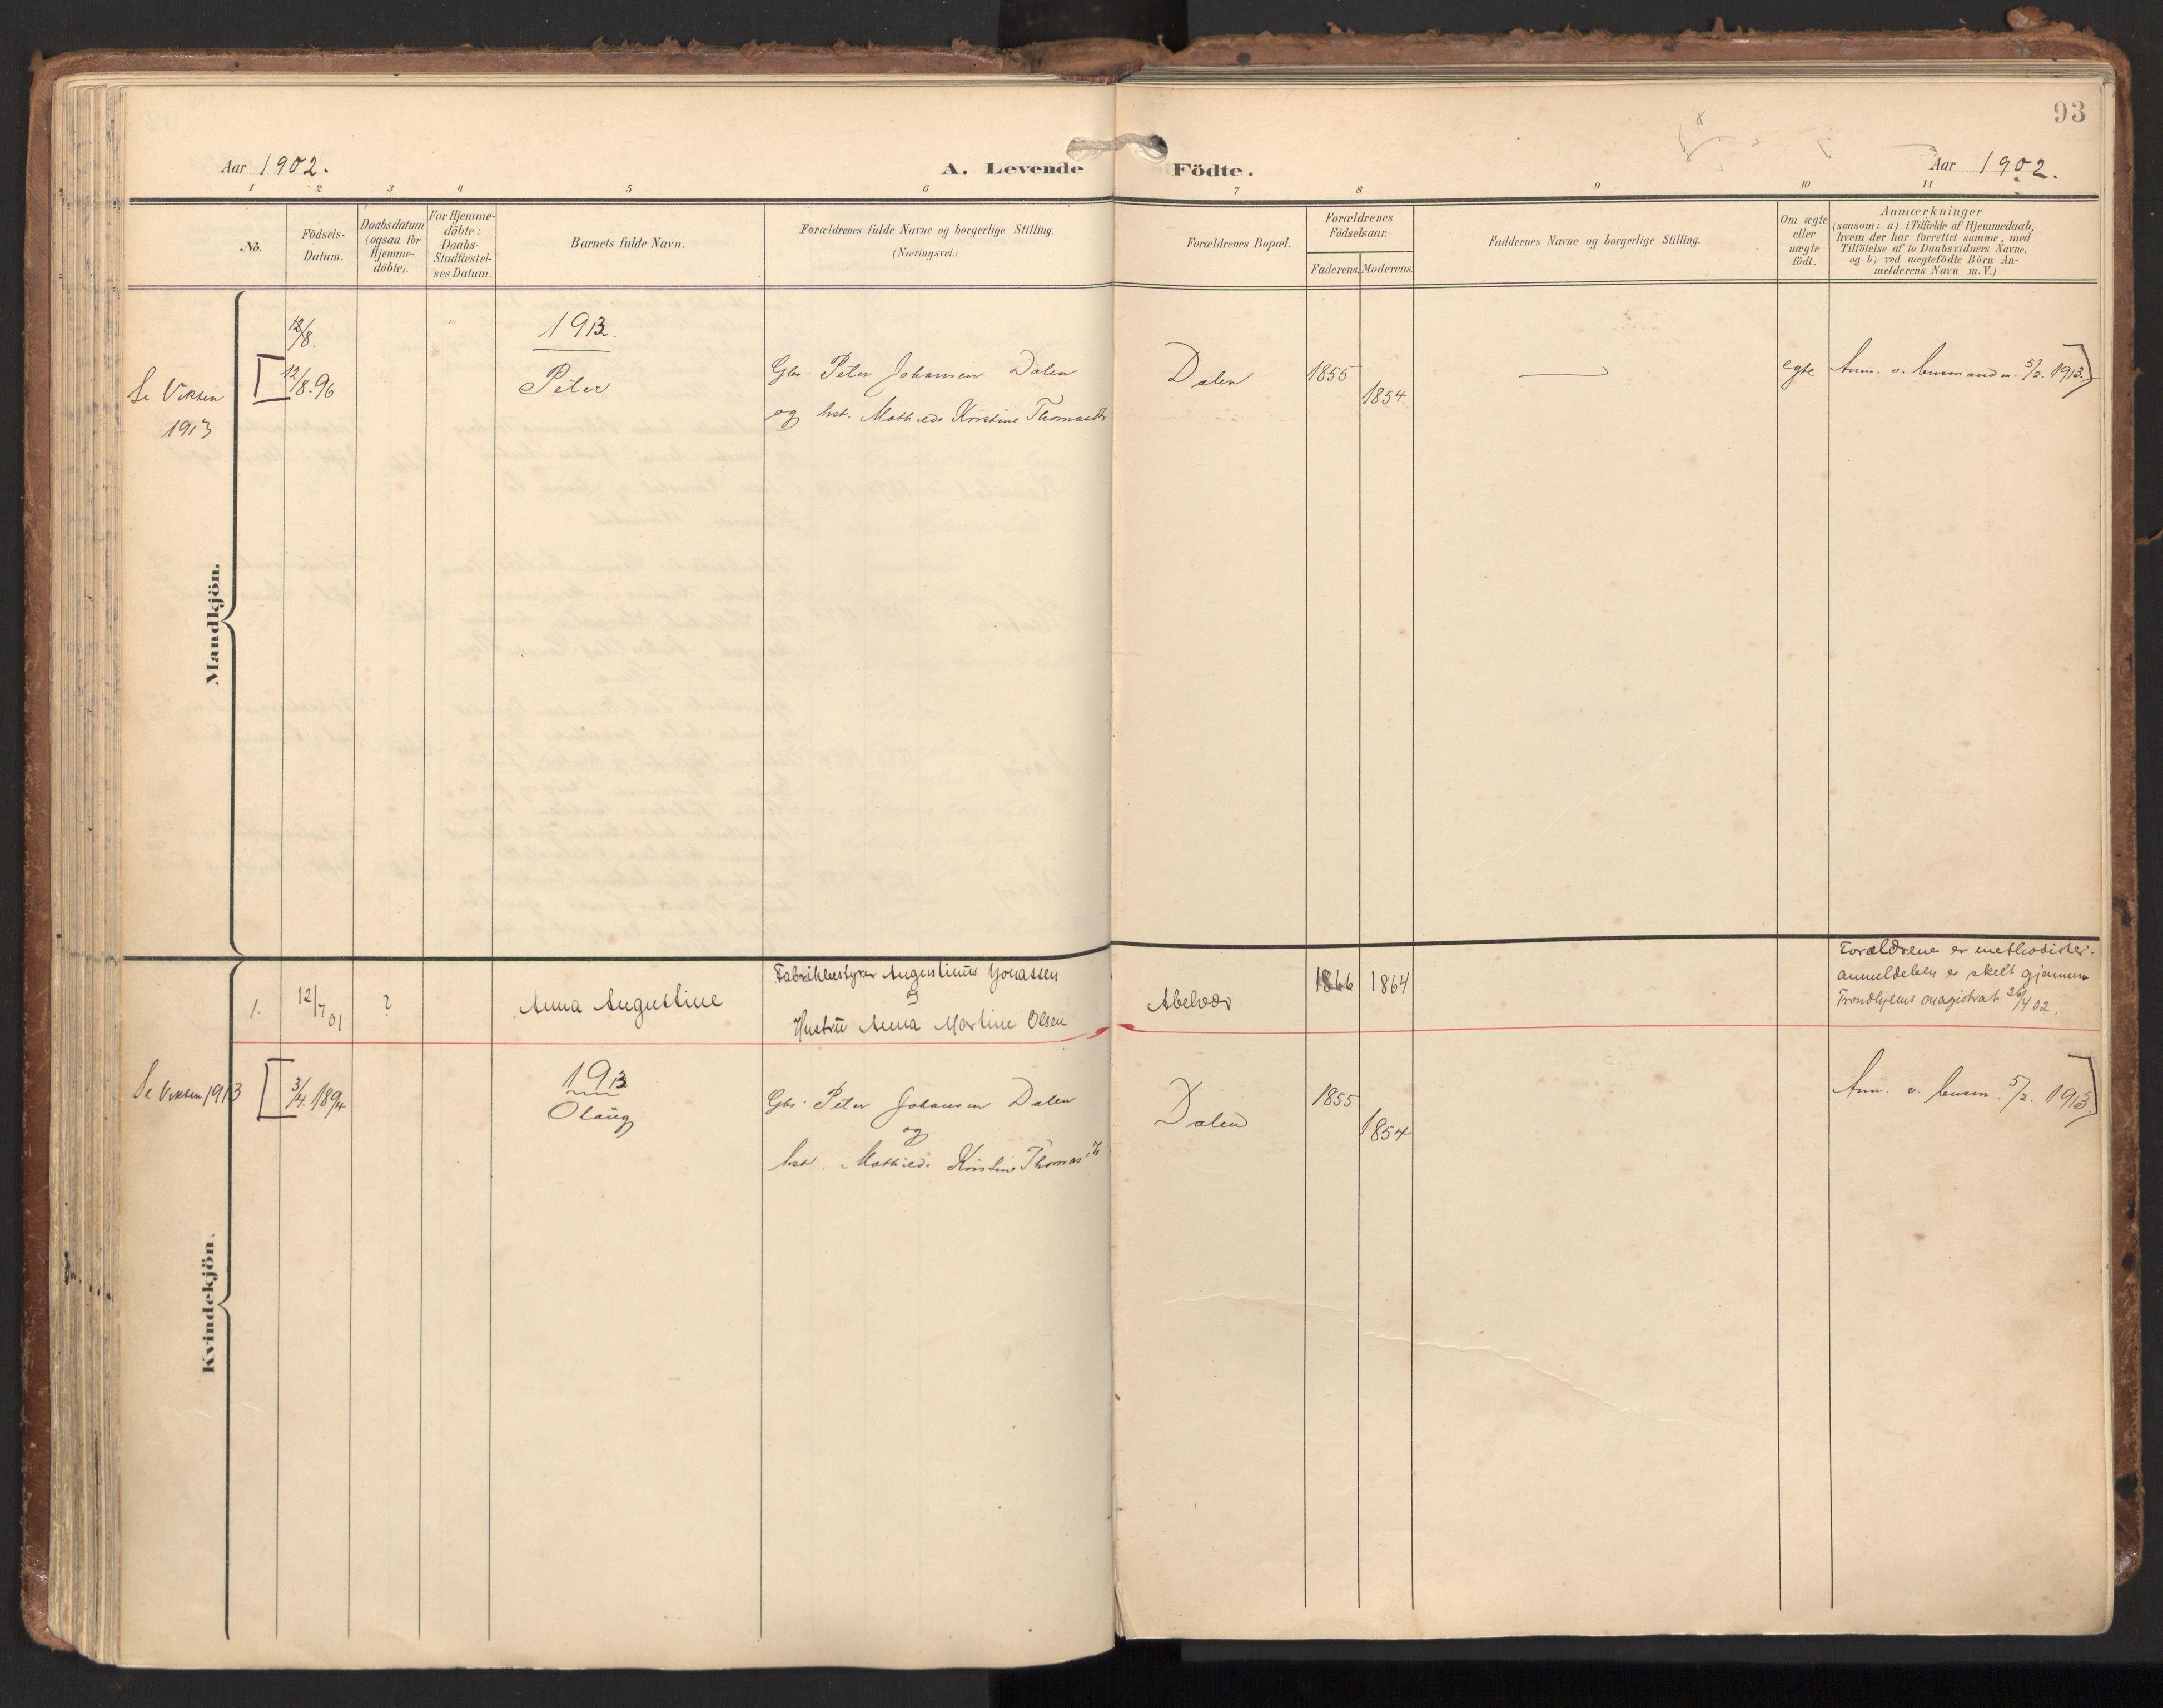 SAT, Ministerialprotokoller, klokkerbøker og fødselsregistre - Nord-Trøndelag, 784/L0677: Ministerialbok nr. 784A12, 1900-1920, s. 93